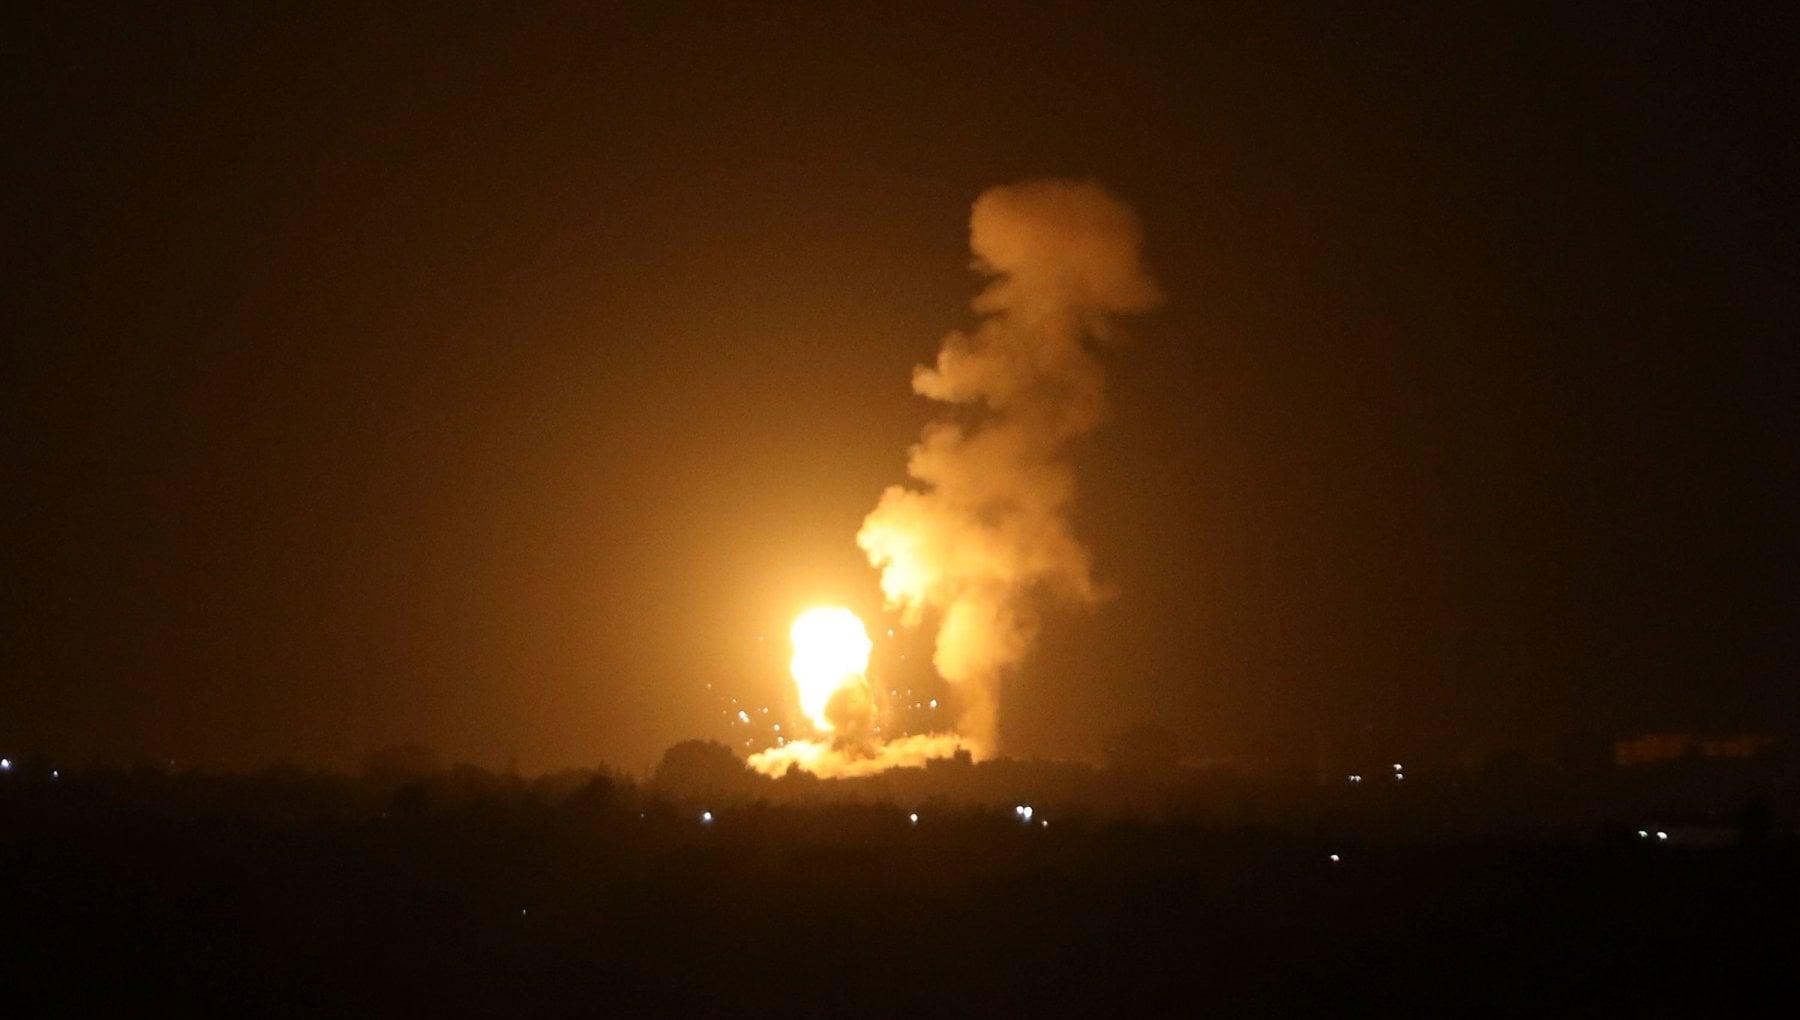 002203951 8616d2e5 48db 4d71 afb1 6b0787320fb7 - Gaza, raid di Israele contro Hamas dopo il lancio di palloni incendiari. Tensione sul Capodanno ebraico